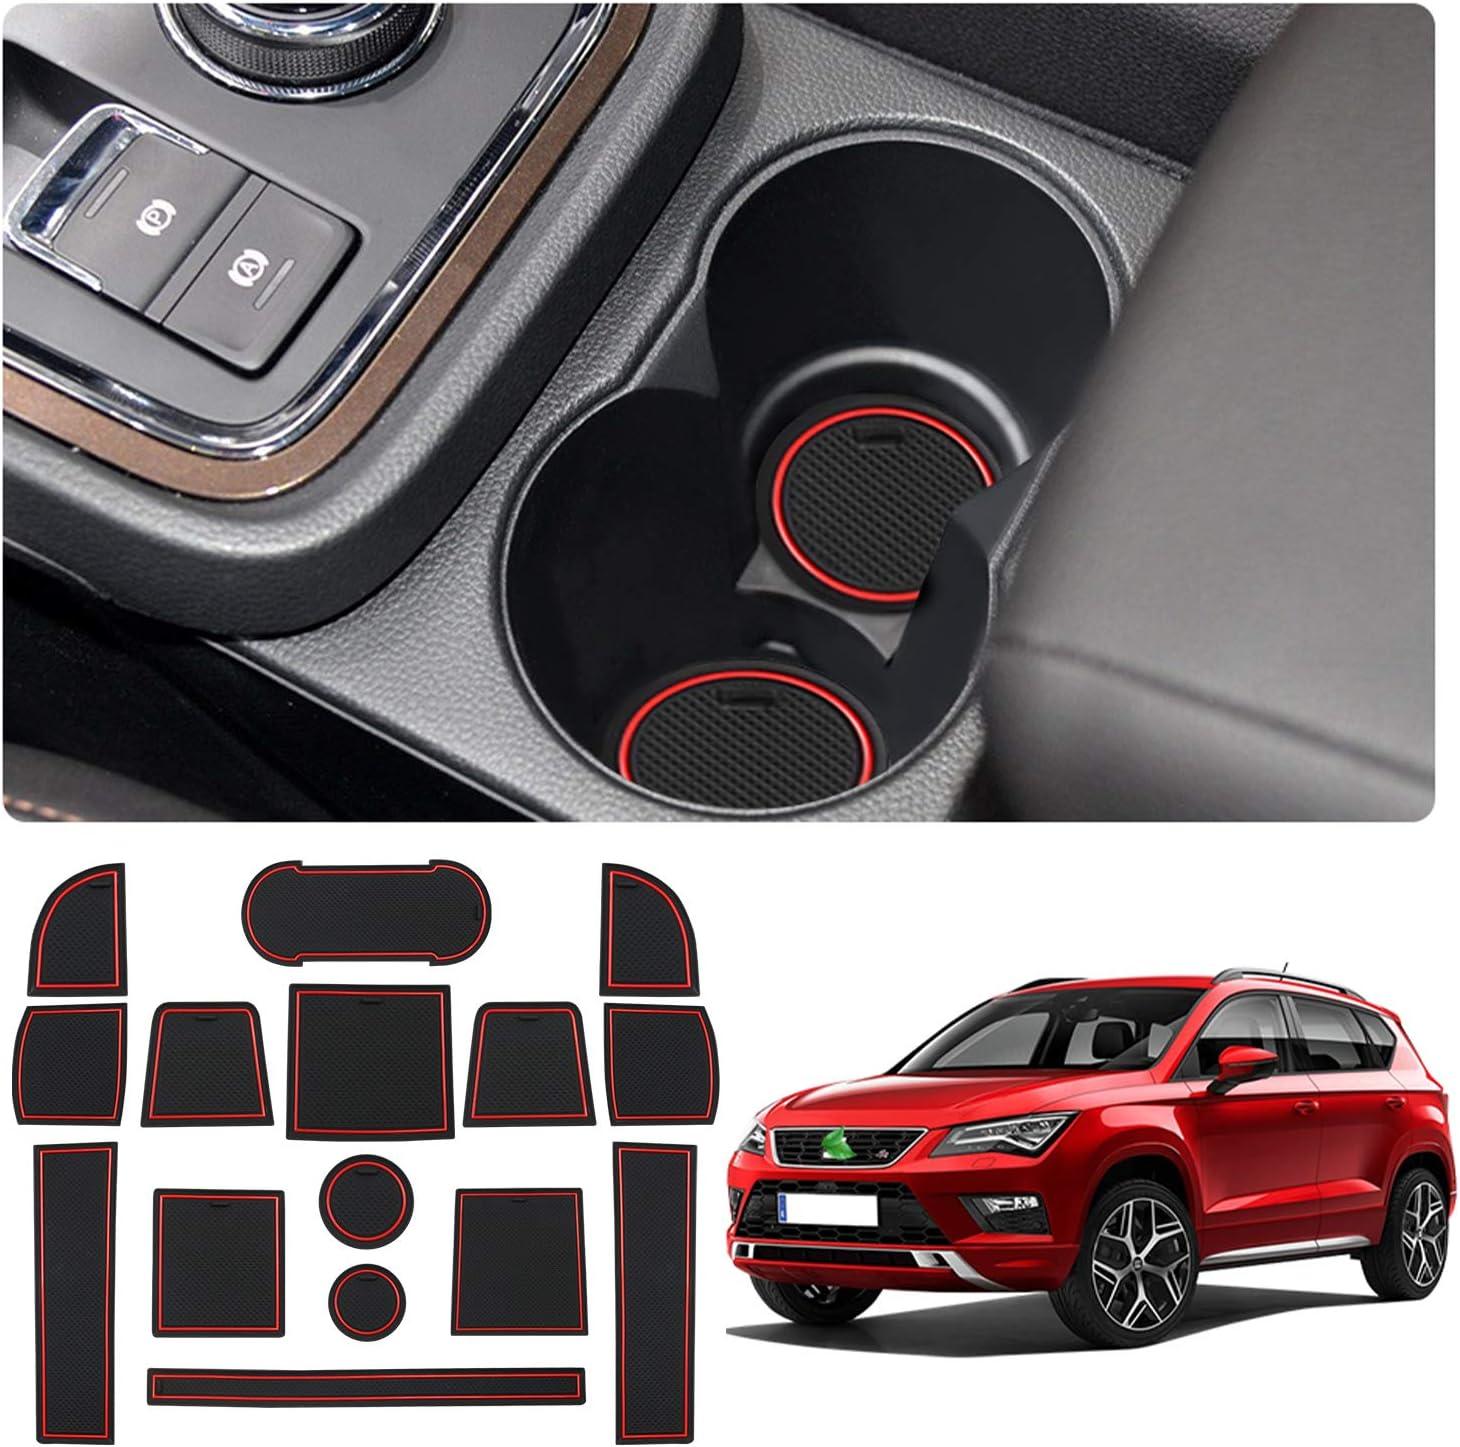 Amazon.es: YEE PIN Alfombrillas Antideslizantes Seat Ateca SUV 2017-2019 Accesorios, Alfombras de Goma para Consola Central Portavasos Coche Interior